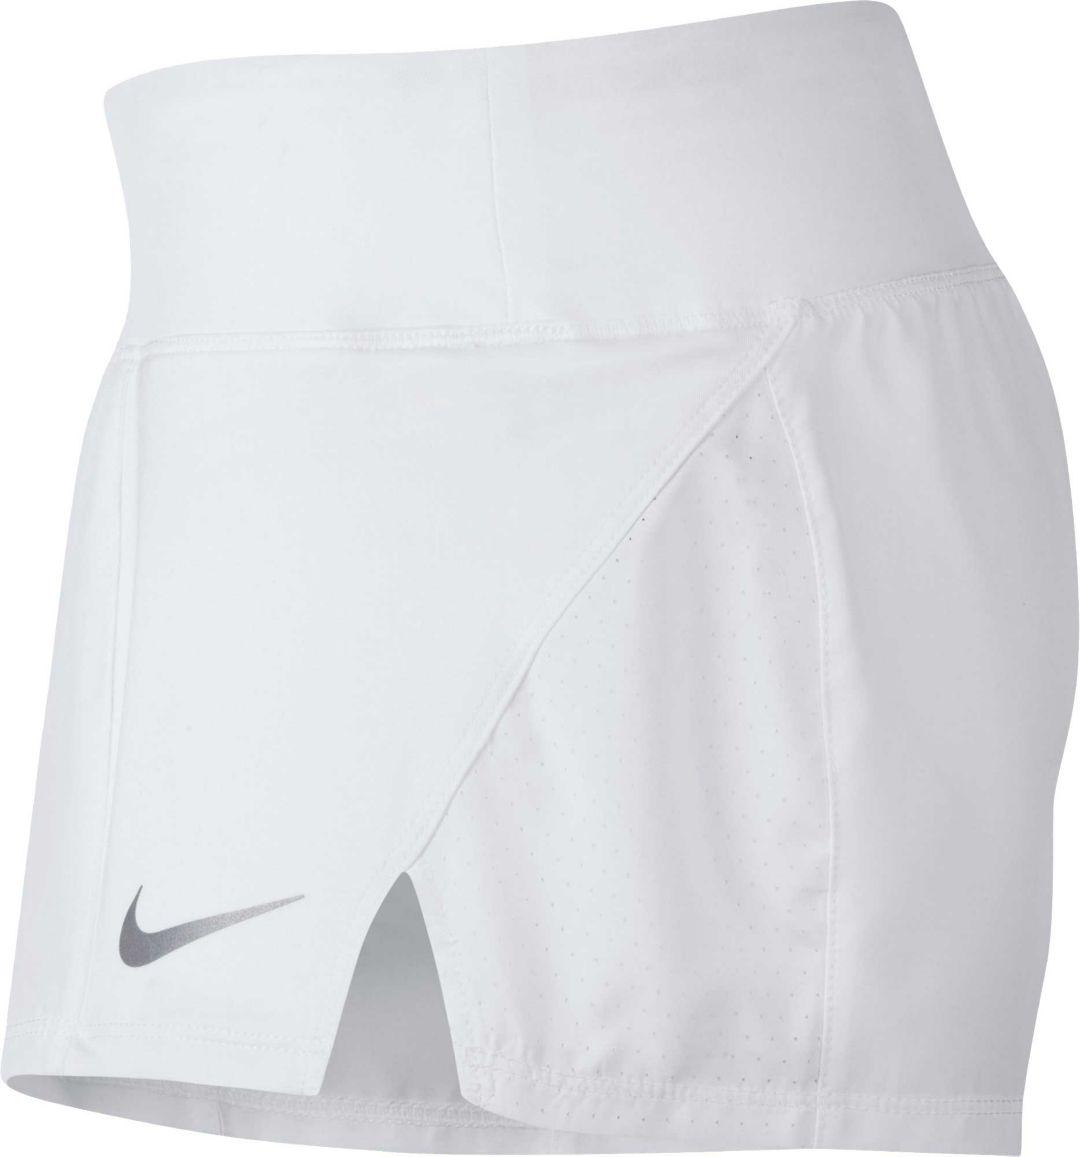 71a24ddd48f Nike Women's 3'' Dry Running Shorts